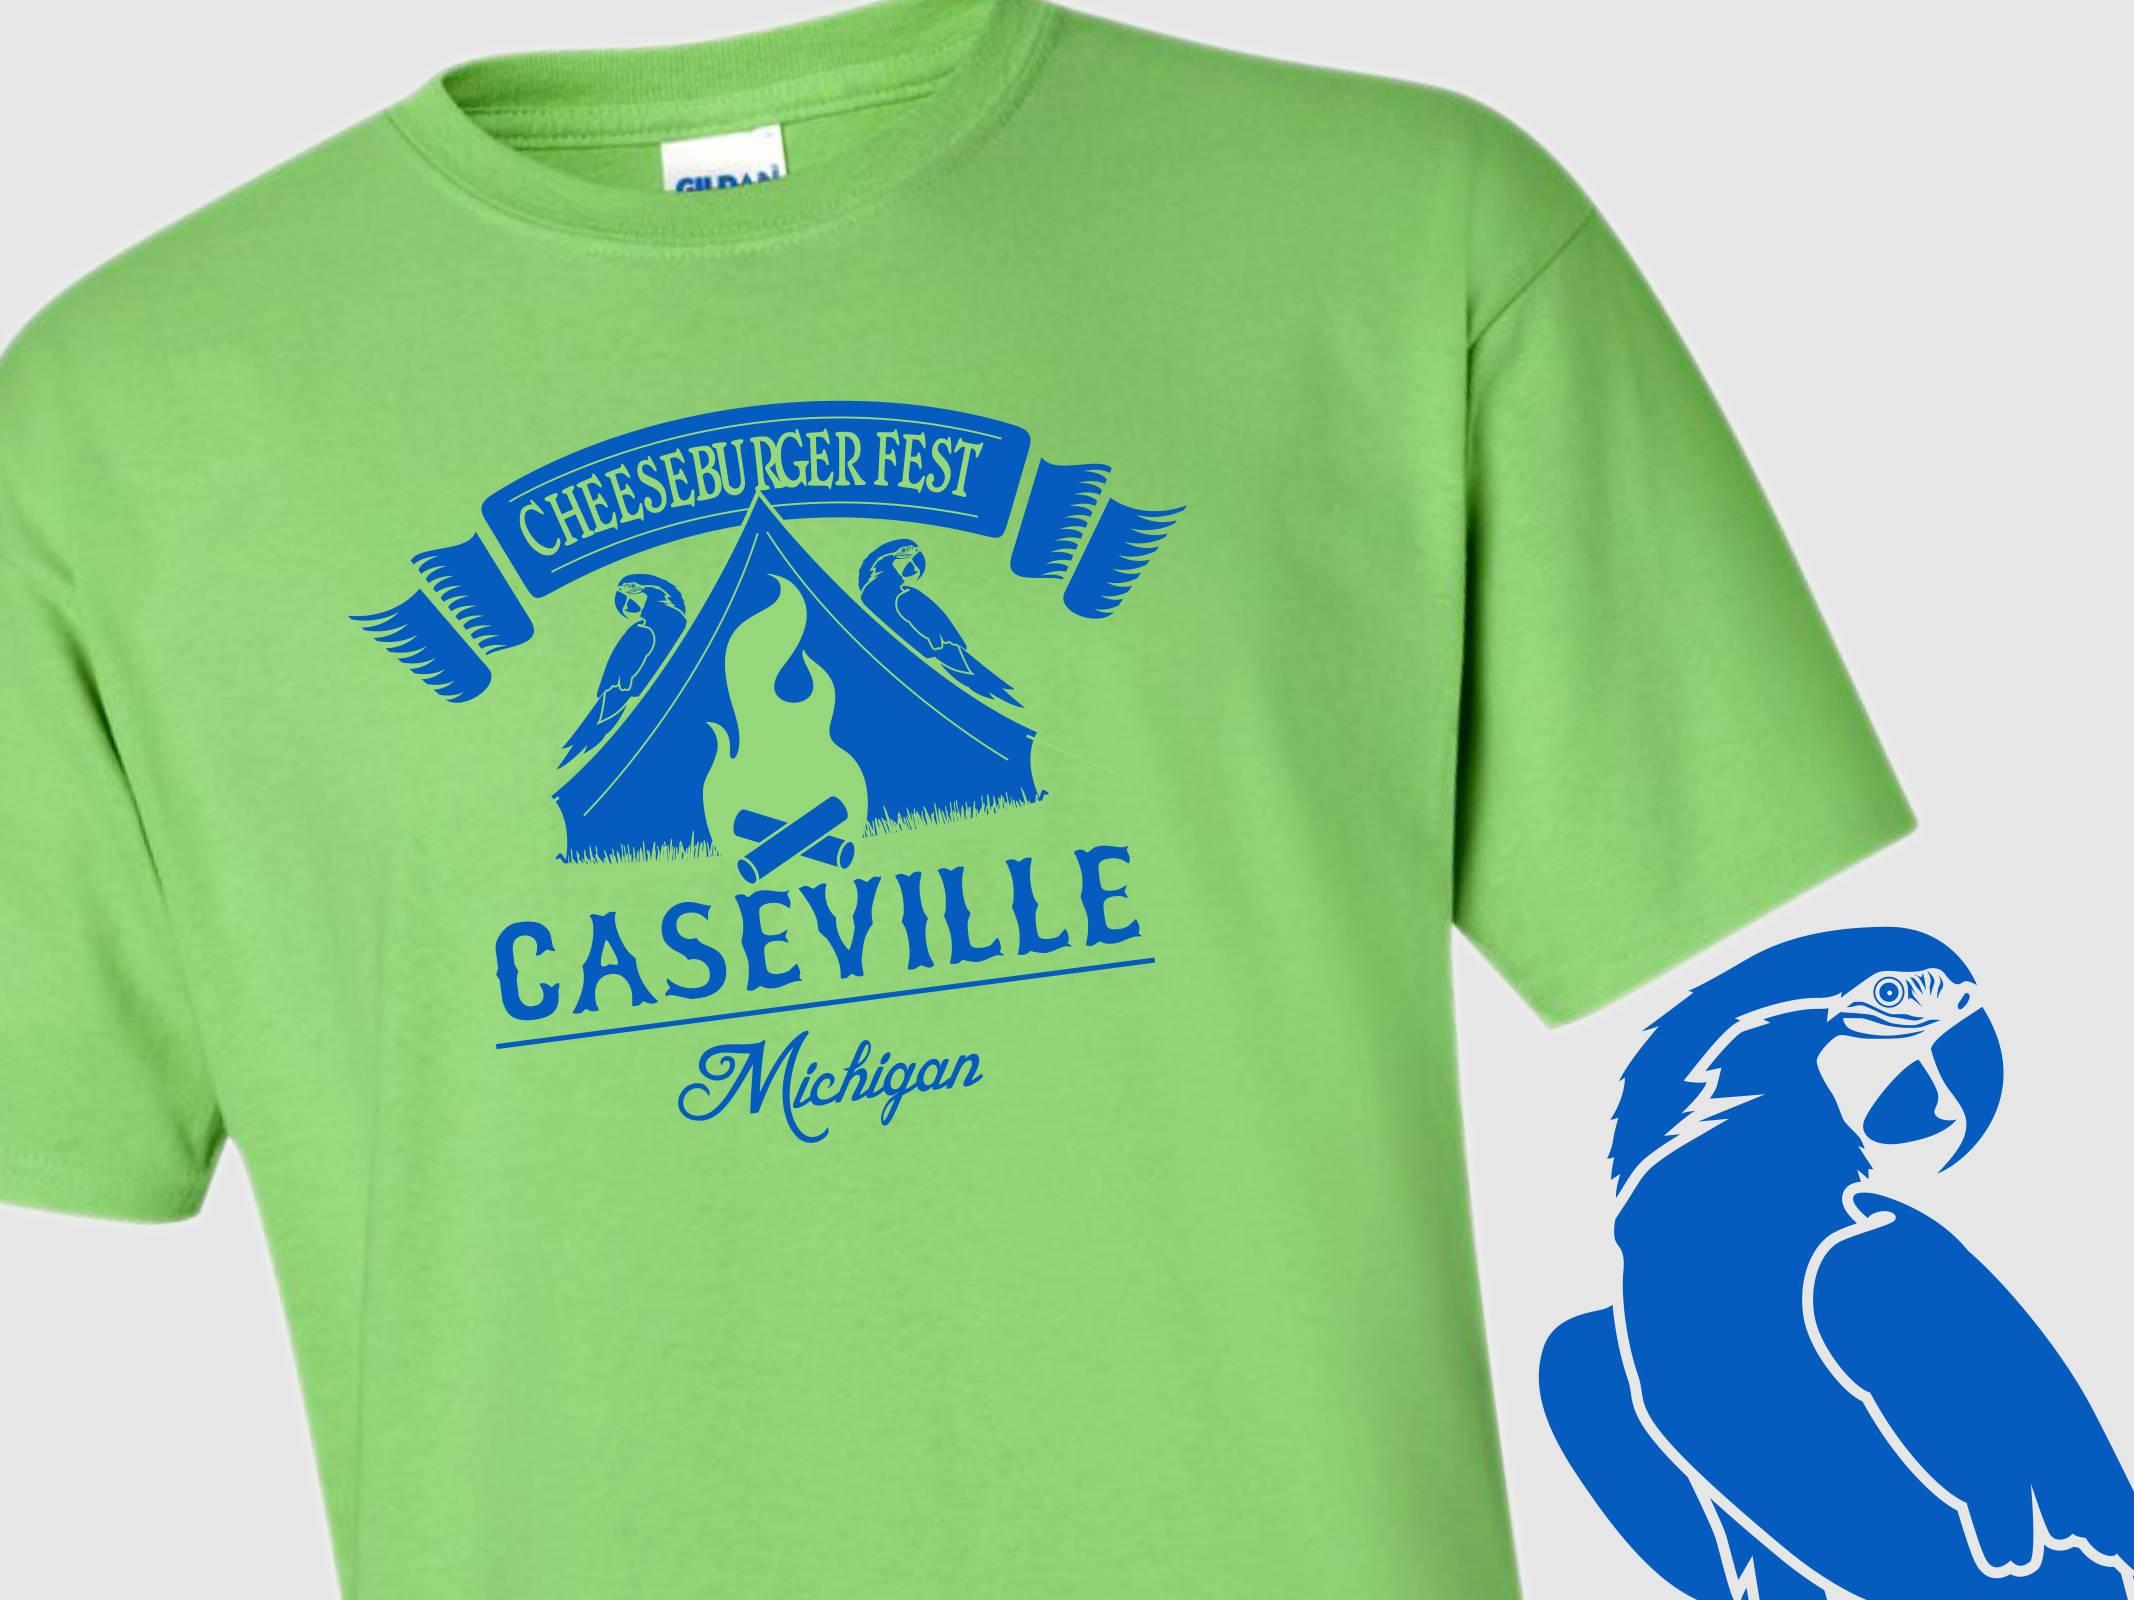 Caseville Cheeseburger Festival 2015